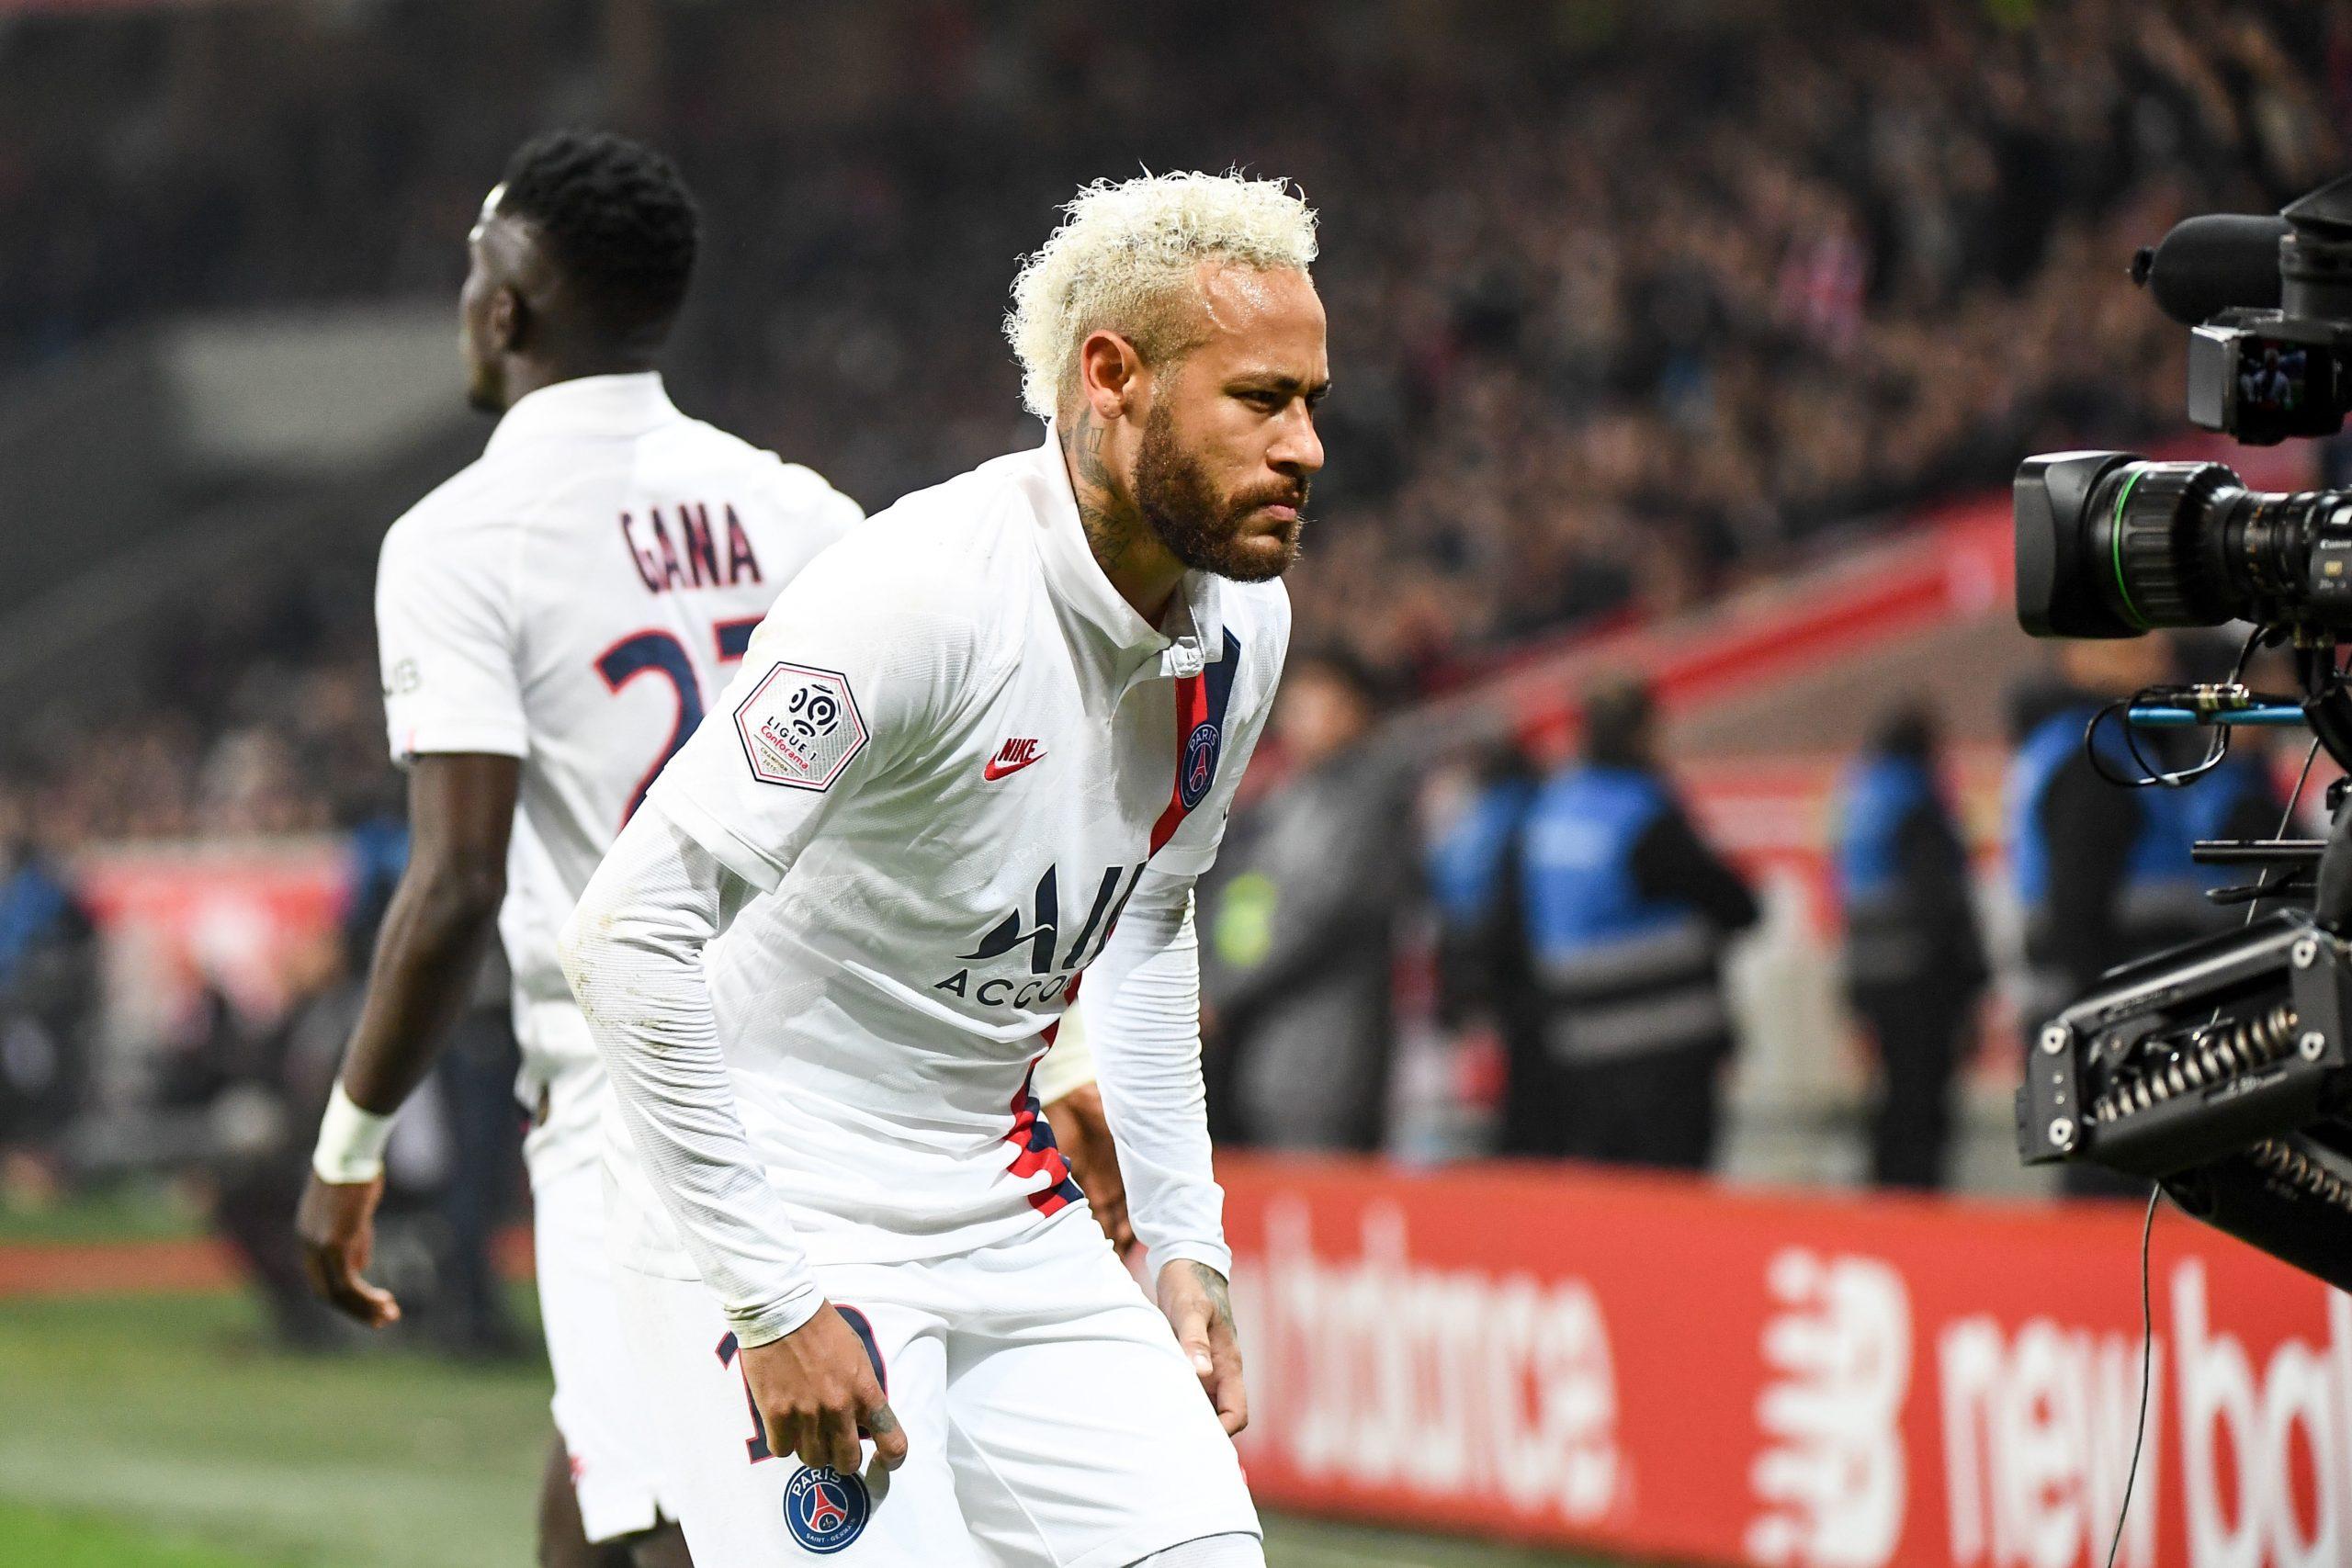 Mercato - Neymar demanderait à quitter le PSG quand il rentre à Paris, Sport relance son histoire